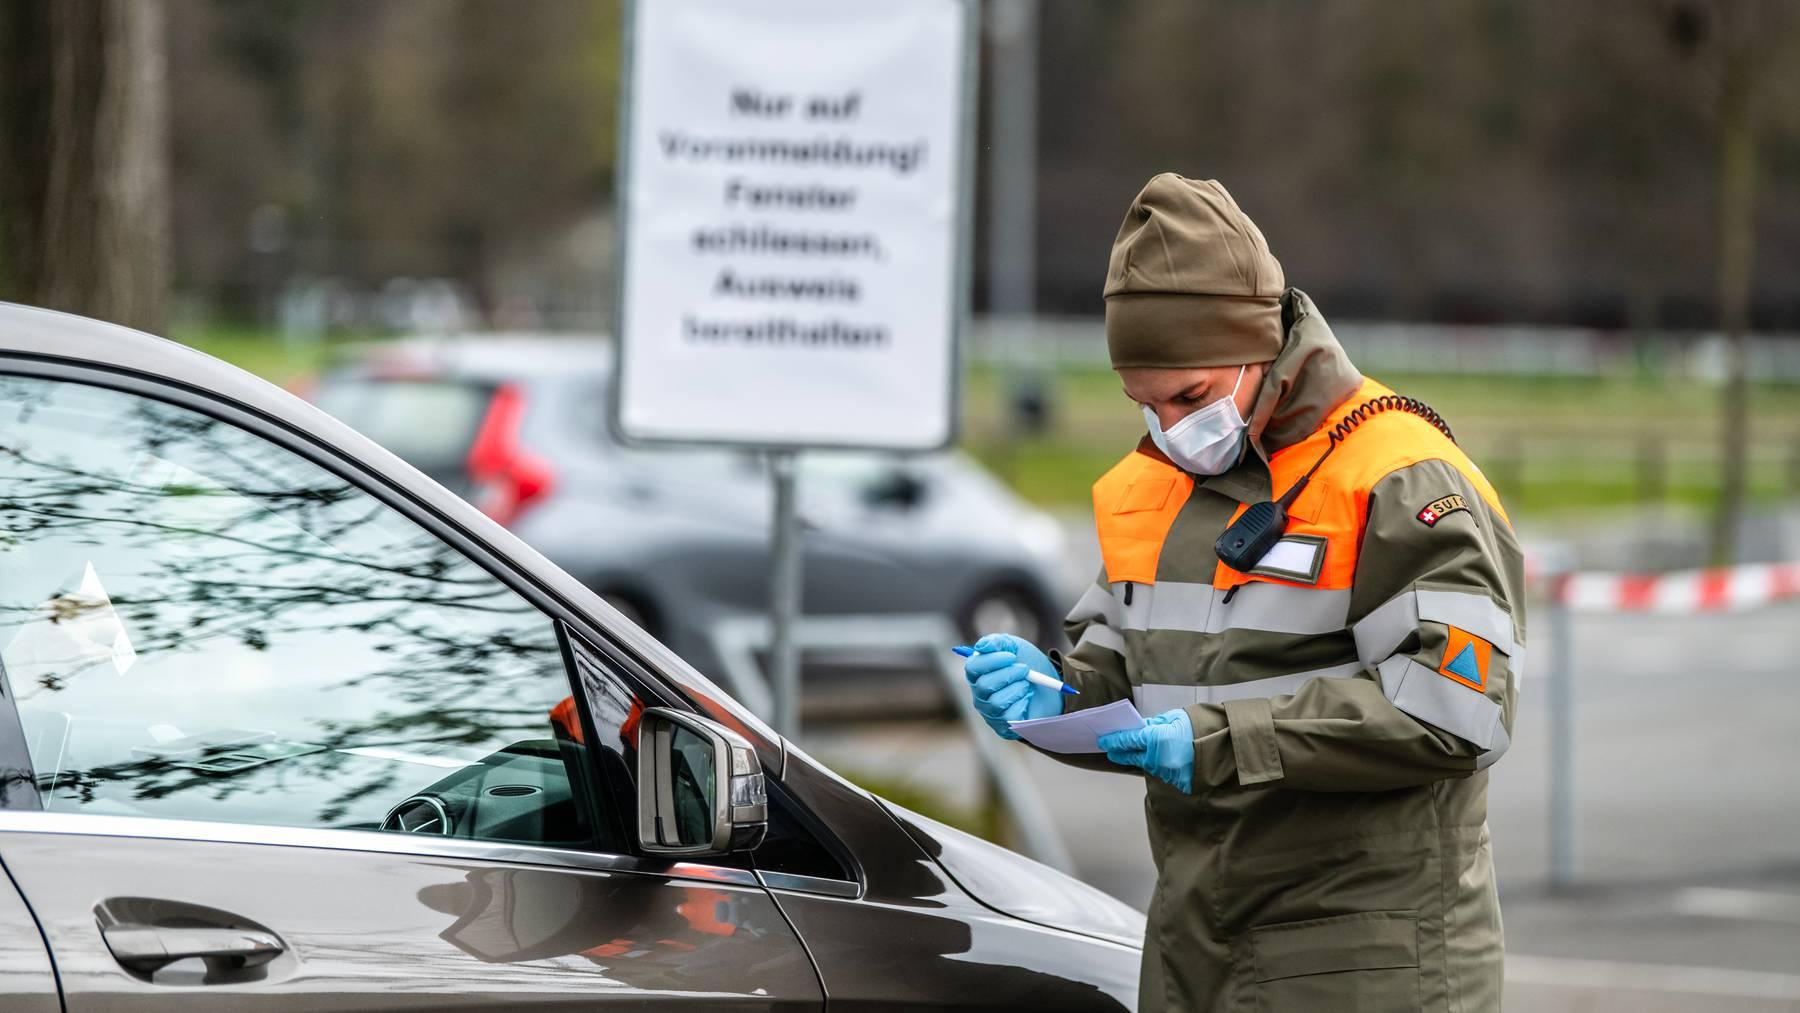 Zivilschützer der ZSO Pilatus betreiben das Drive-In-Testzentrum bei der Messe Luzern.